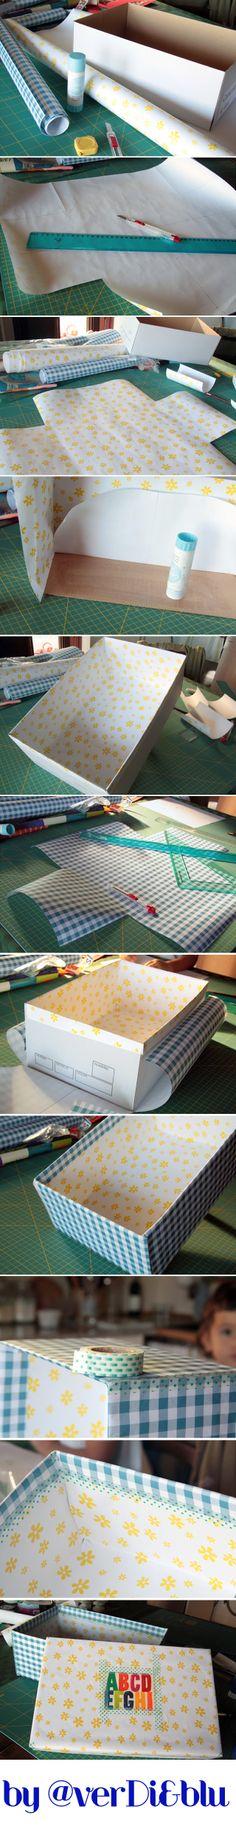 rivestire una scatola di scarpe con la carta   #tutorial in italiano   #diy #carta #paper #riciclocreativo